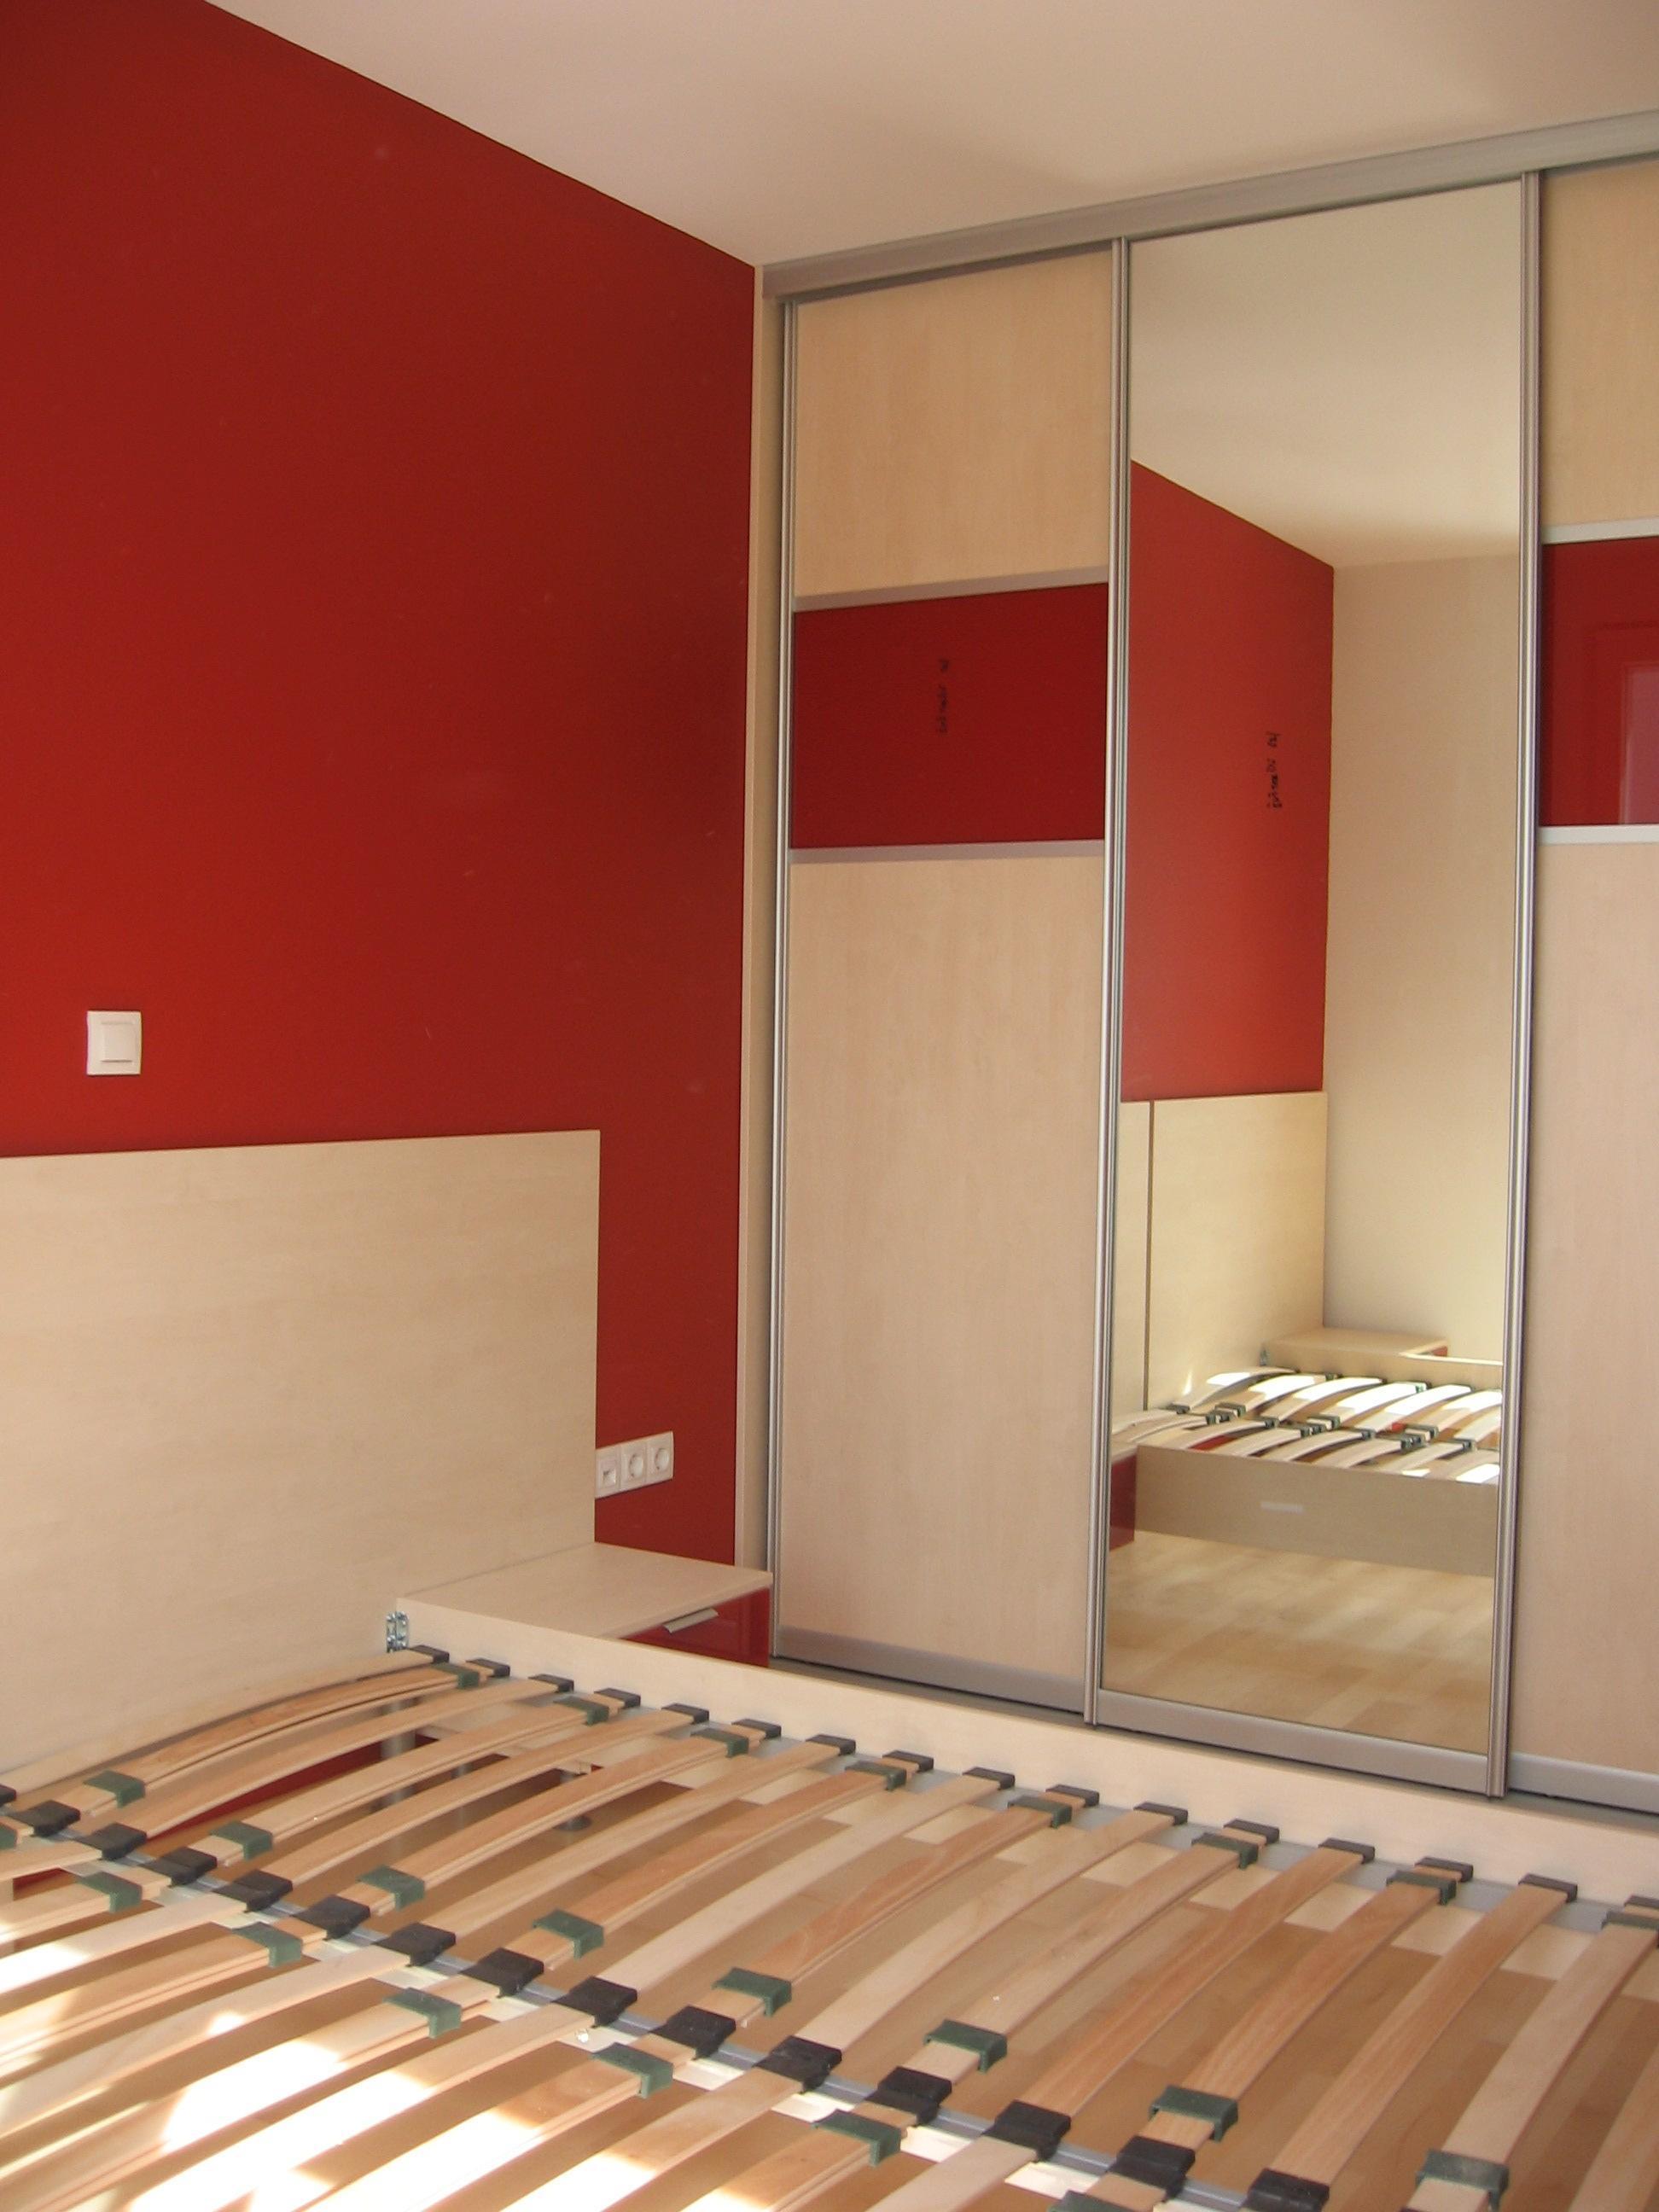 vgradna omara z drsnimi vrati v spalnici